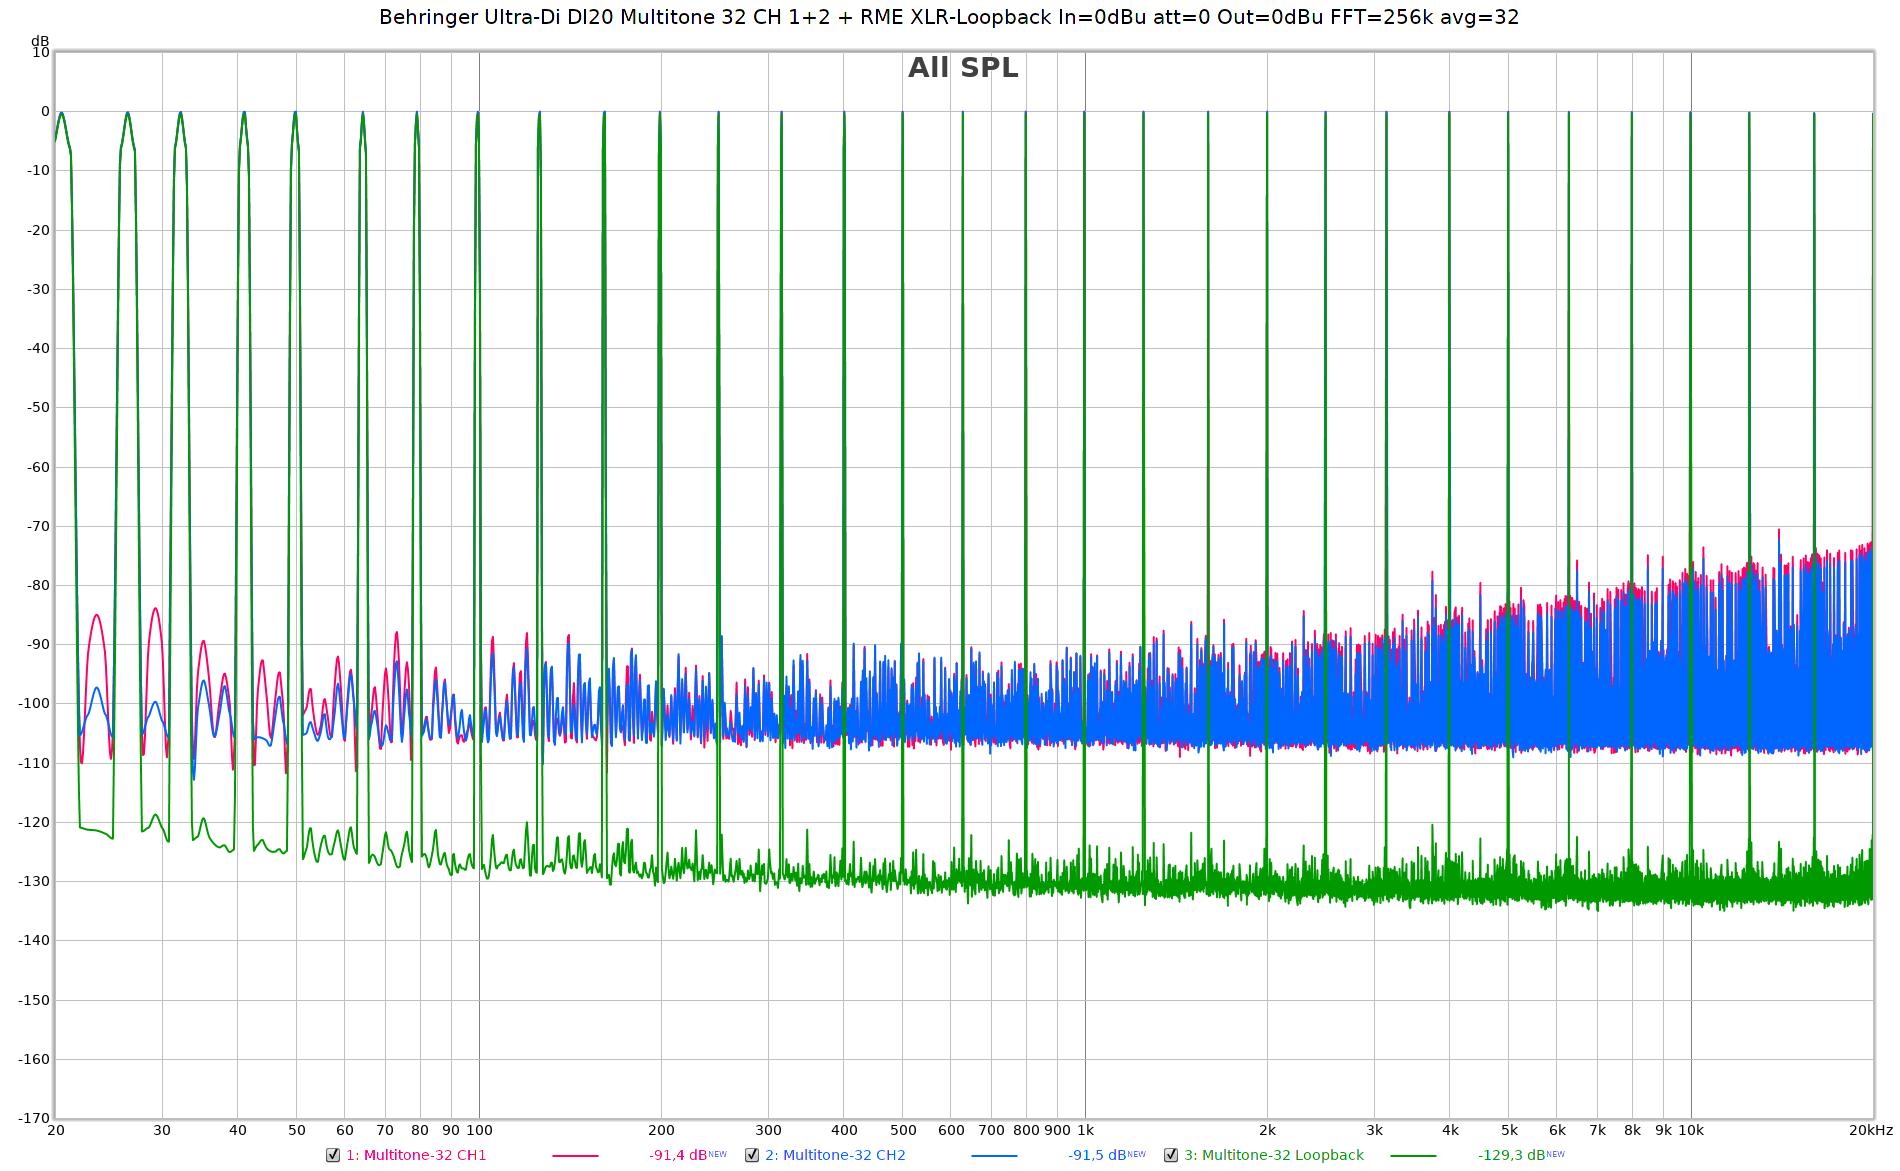 Behringer Ultra-Di DI20 Multitone 32 CH 1+2 + RME XLR-Loopback In=0dBu att=0 Out=0dBu FFT=256k...png